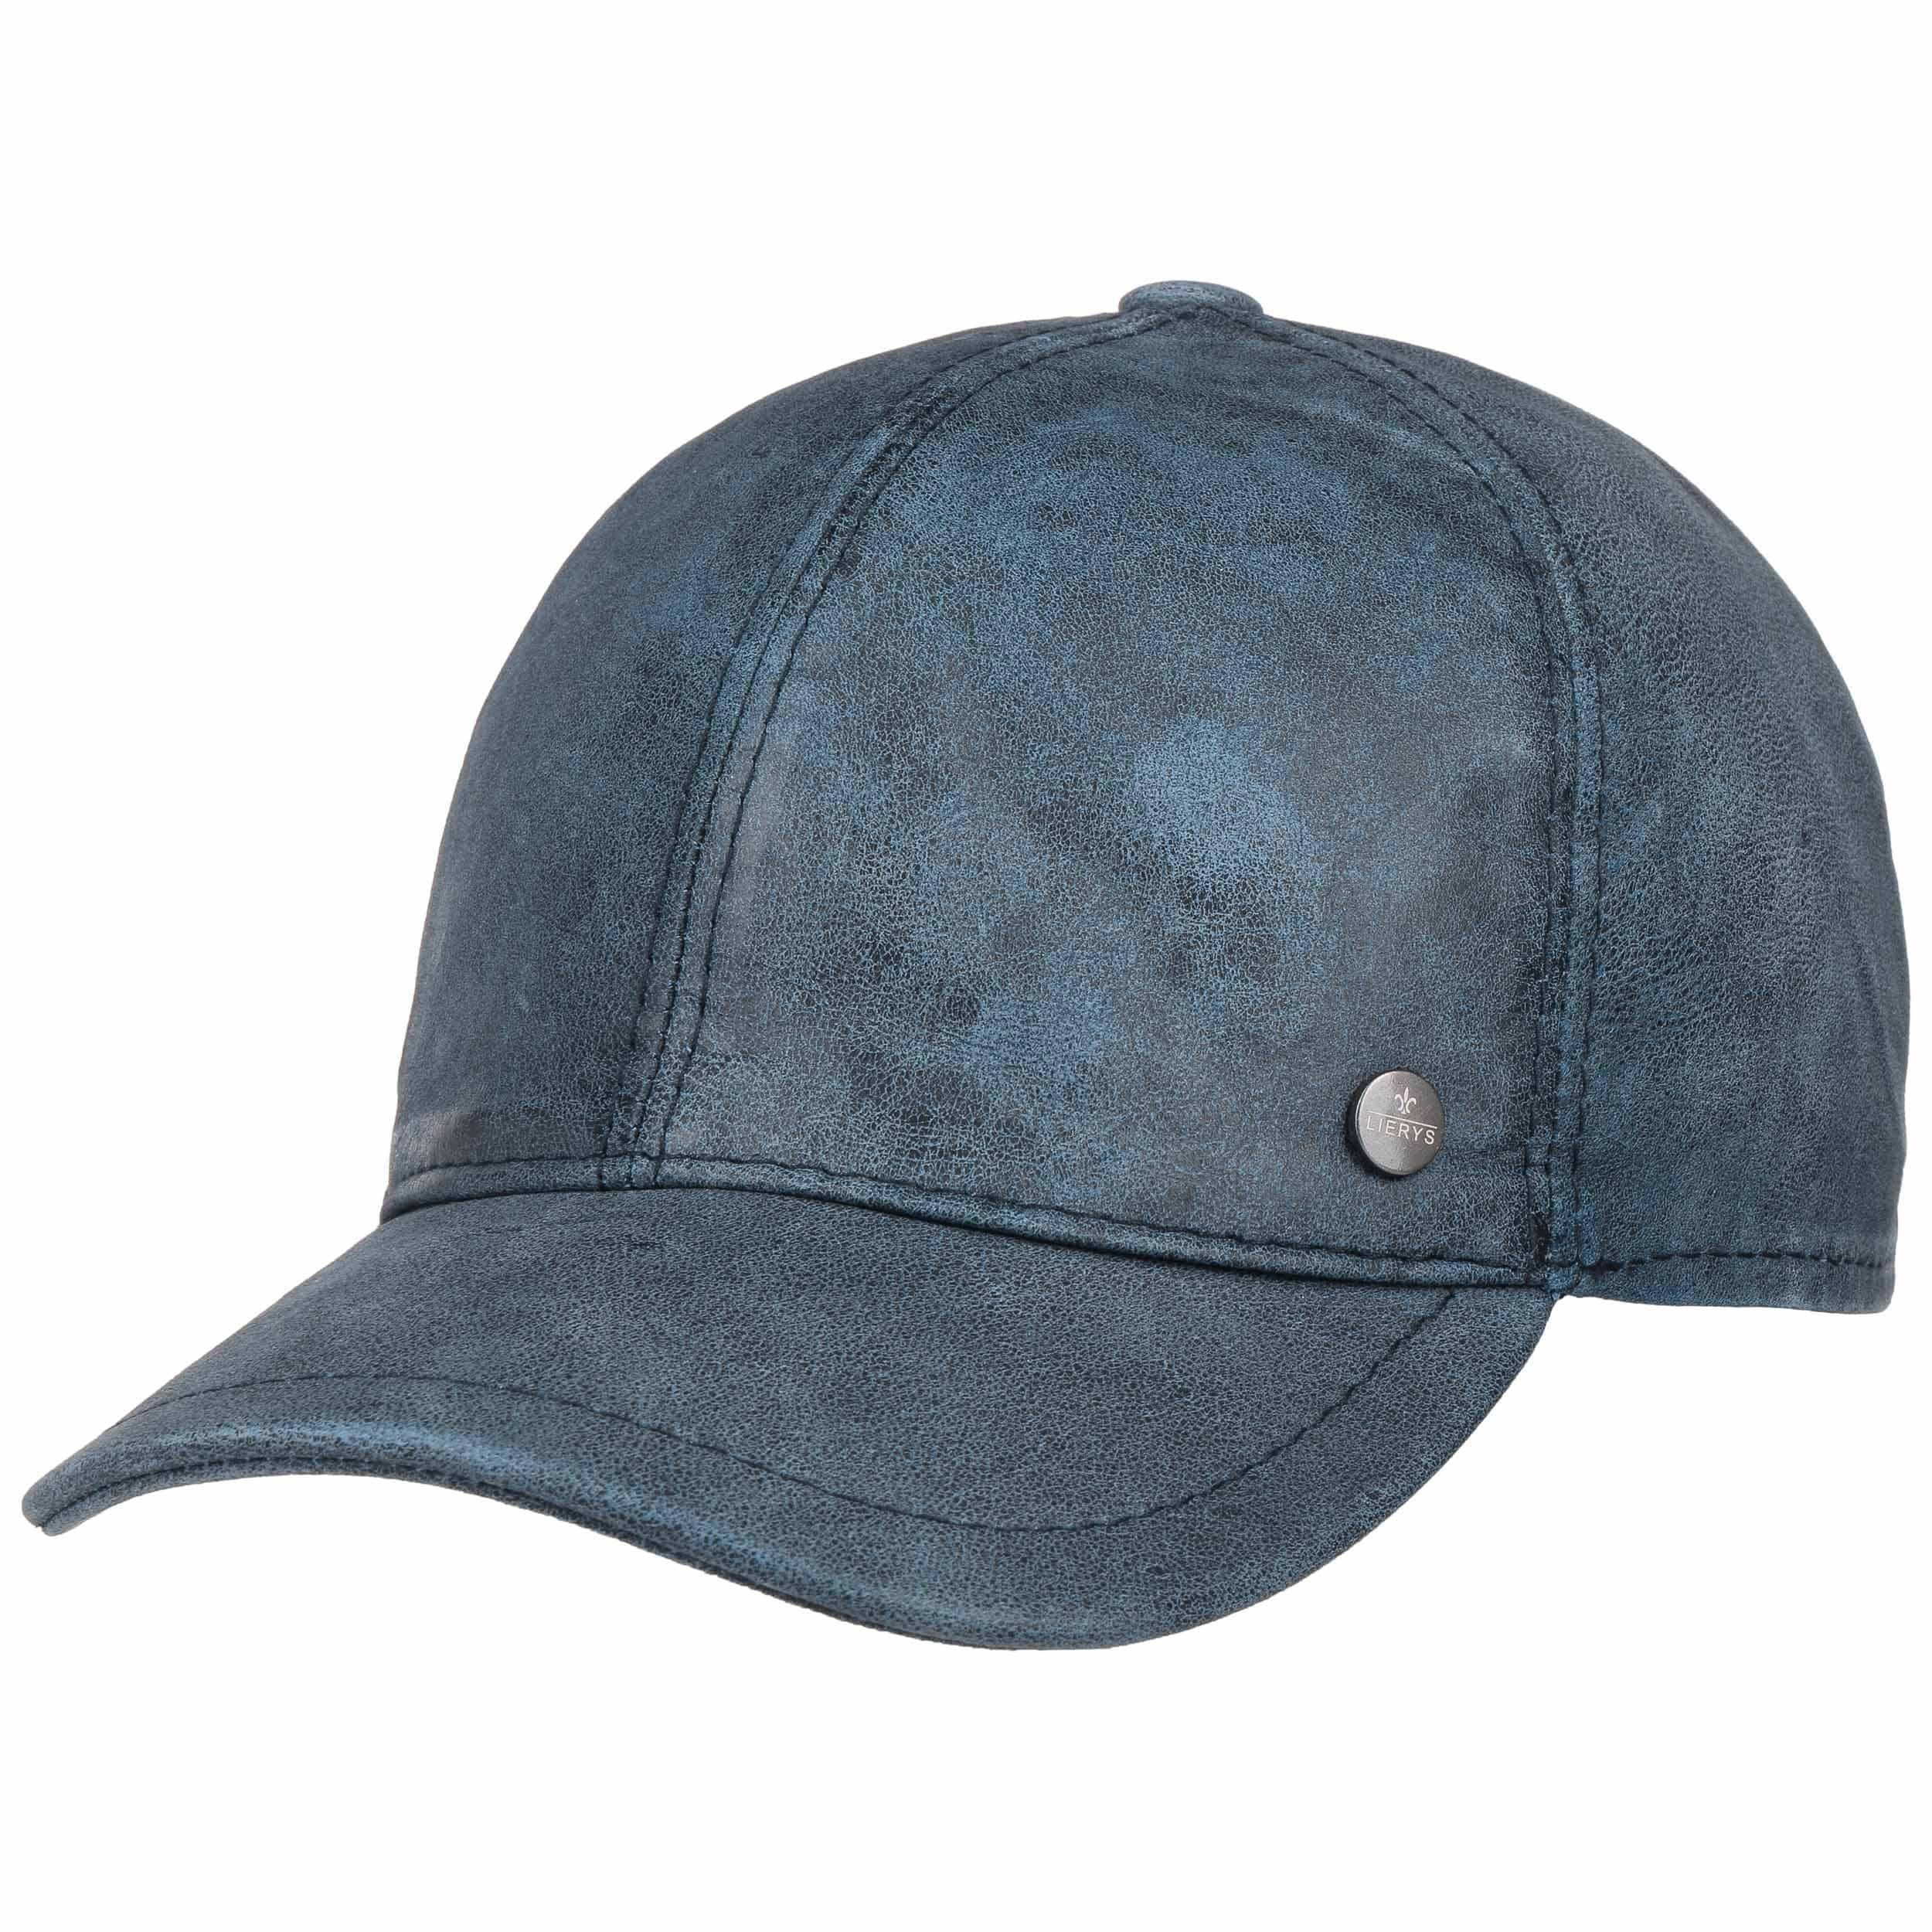 LIERYS Mario Ledercap Baseballcap Cap Basecap Fullcap Lederkappe